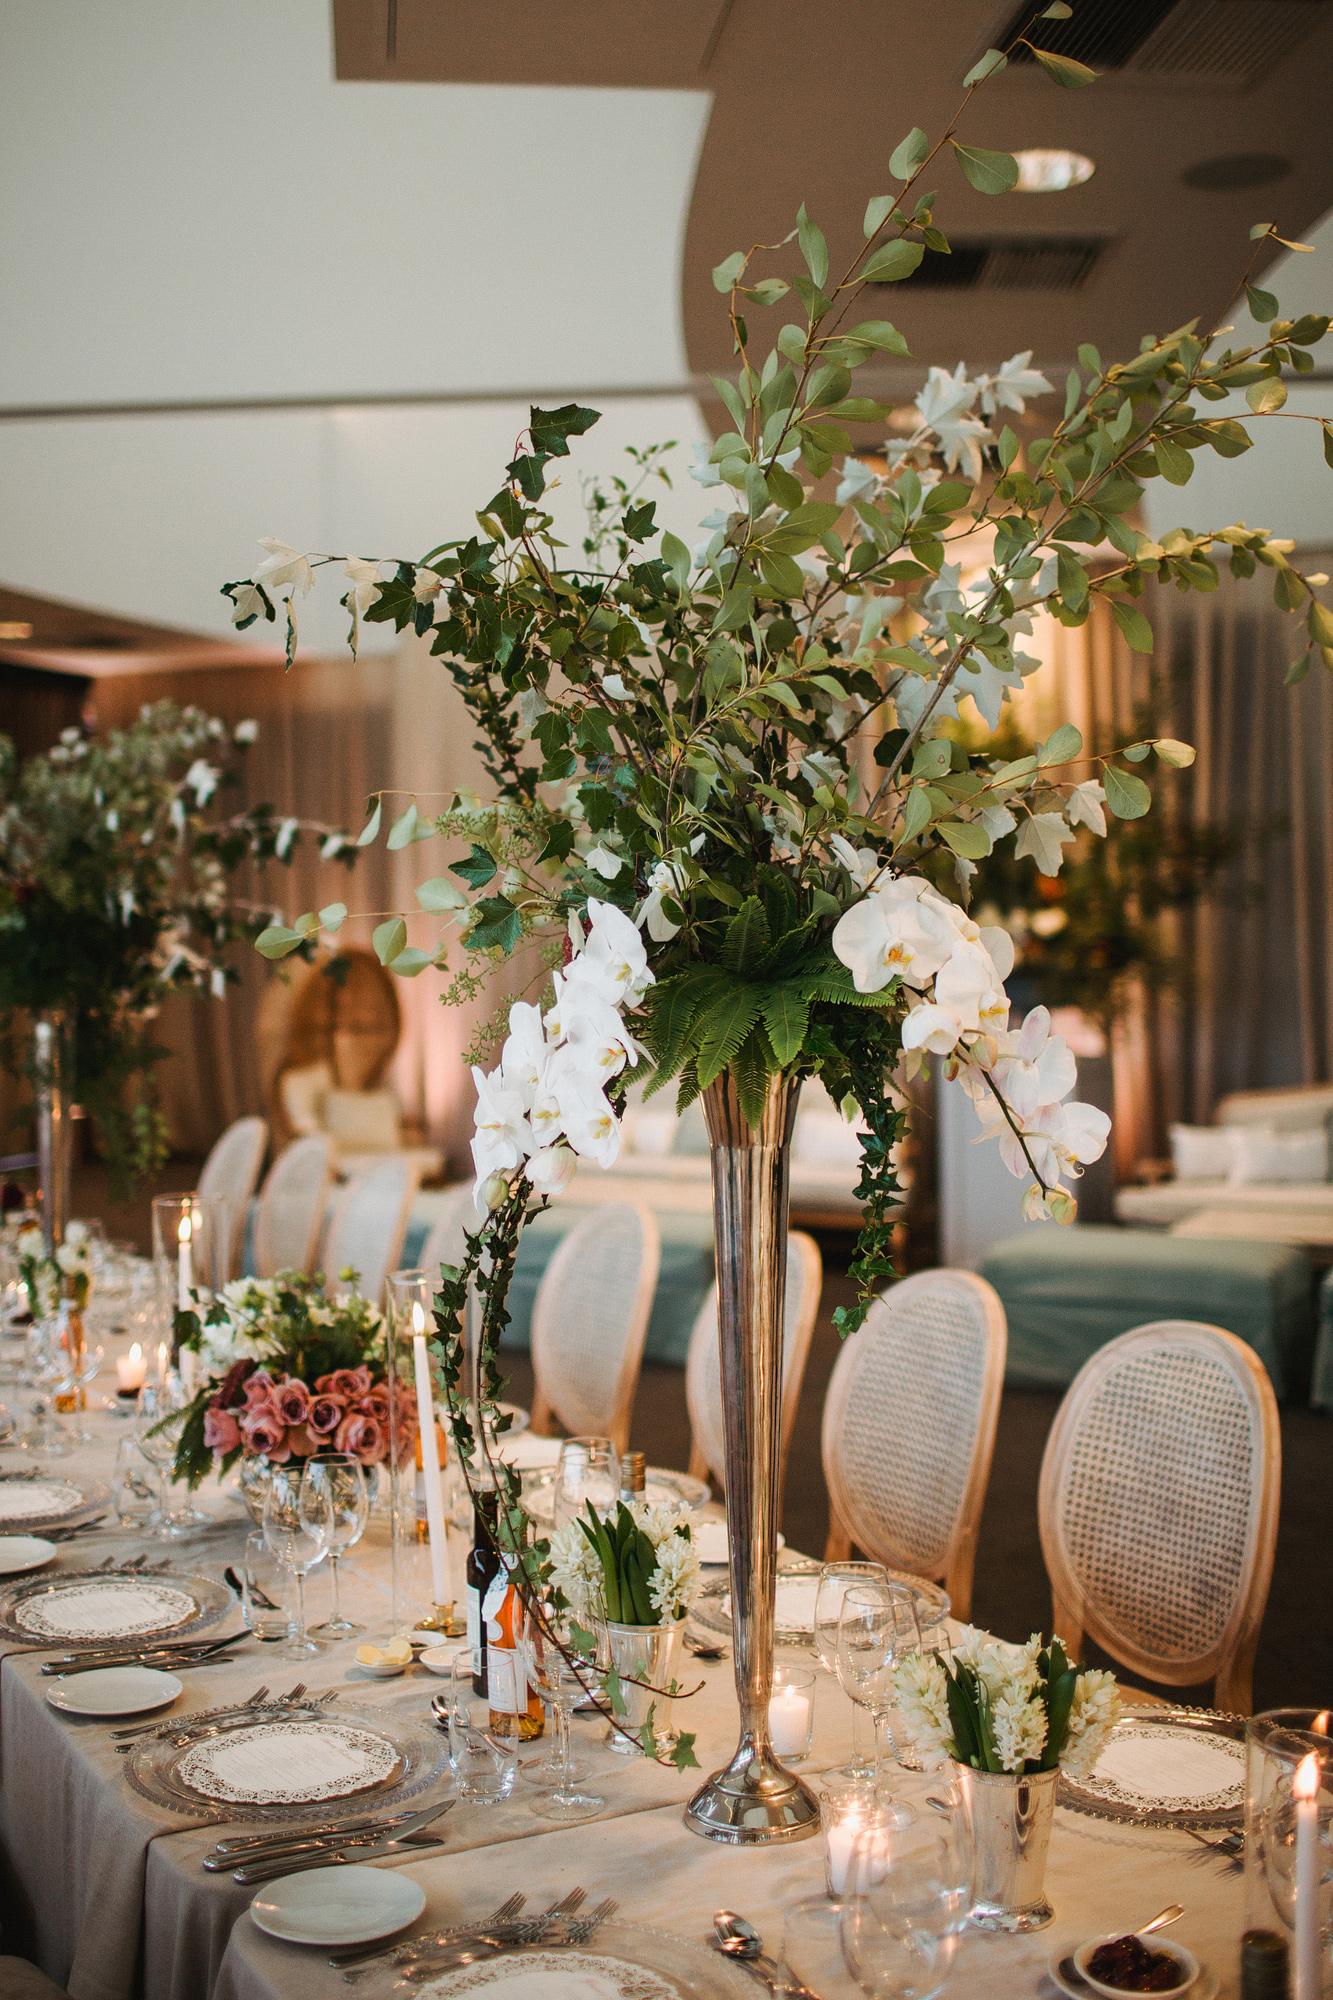 Ceci_New_York_Custom_Invitation_Australia_Perth_Destination_Wedding_Luxury_Personalized_Ceci_Style_Bride_64.jpg